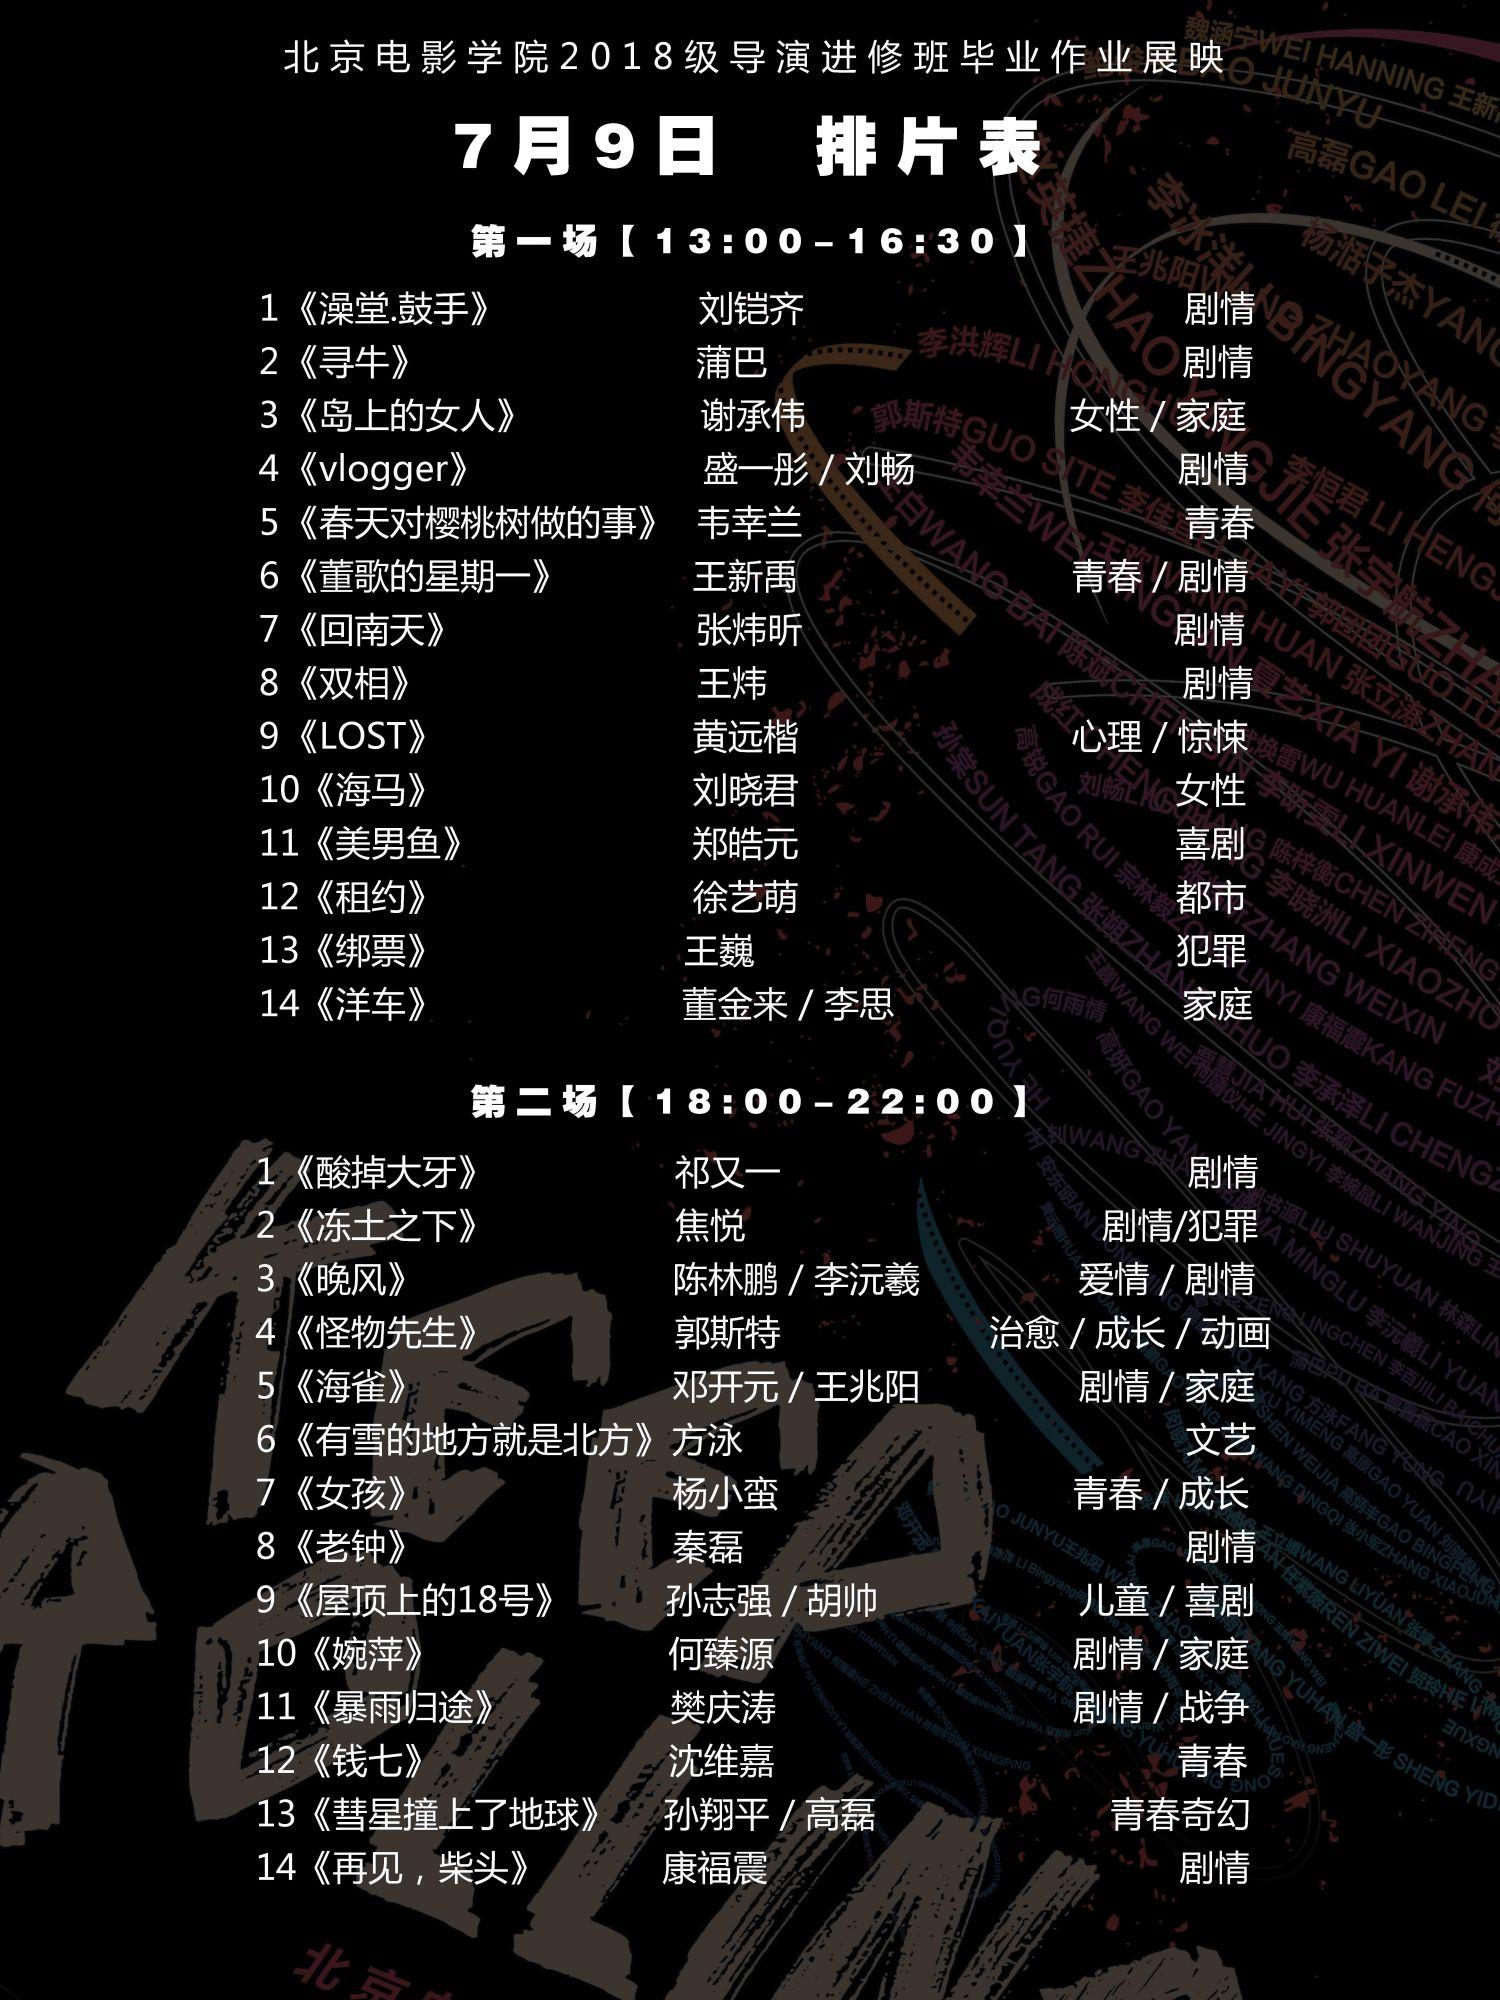 北京电影学院2018级导演进修班毕业展映开幕在即